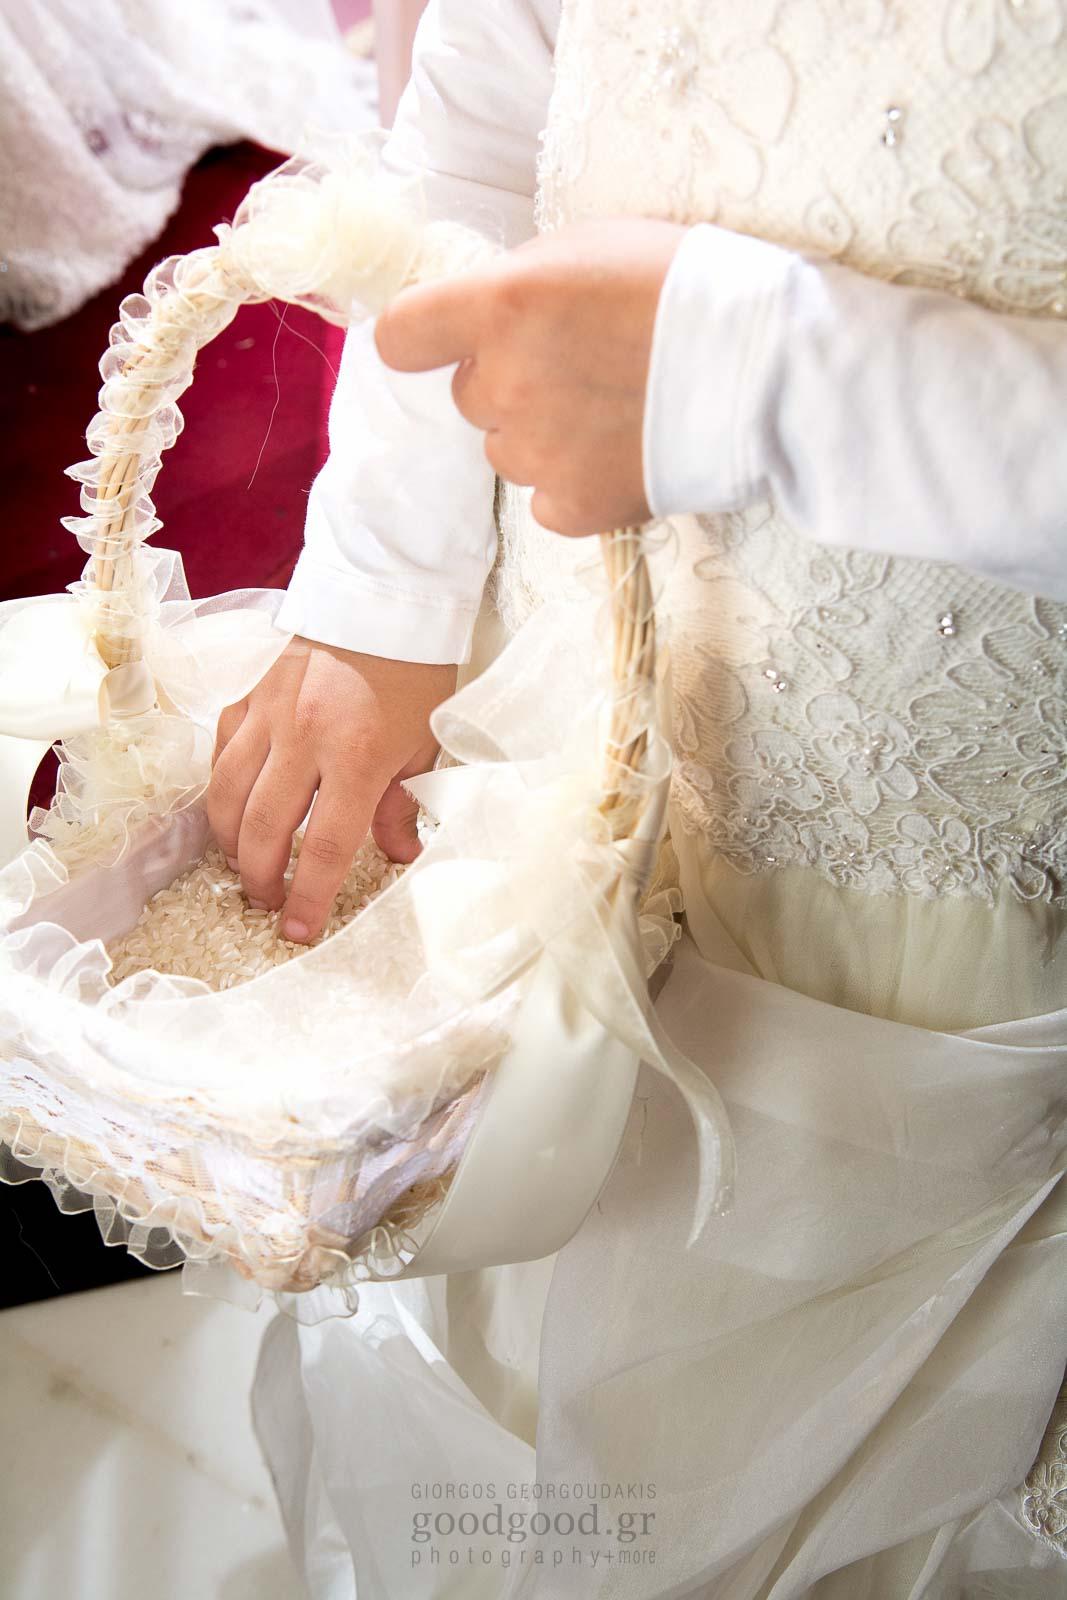 Παρανυφάκι βάζει το χέρι του μέσα στο καλάθι με το ρύζι